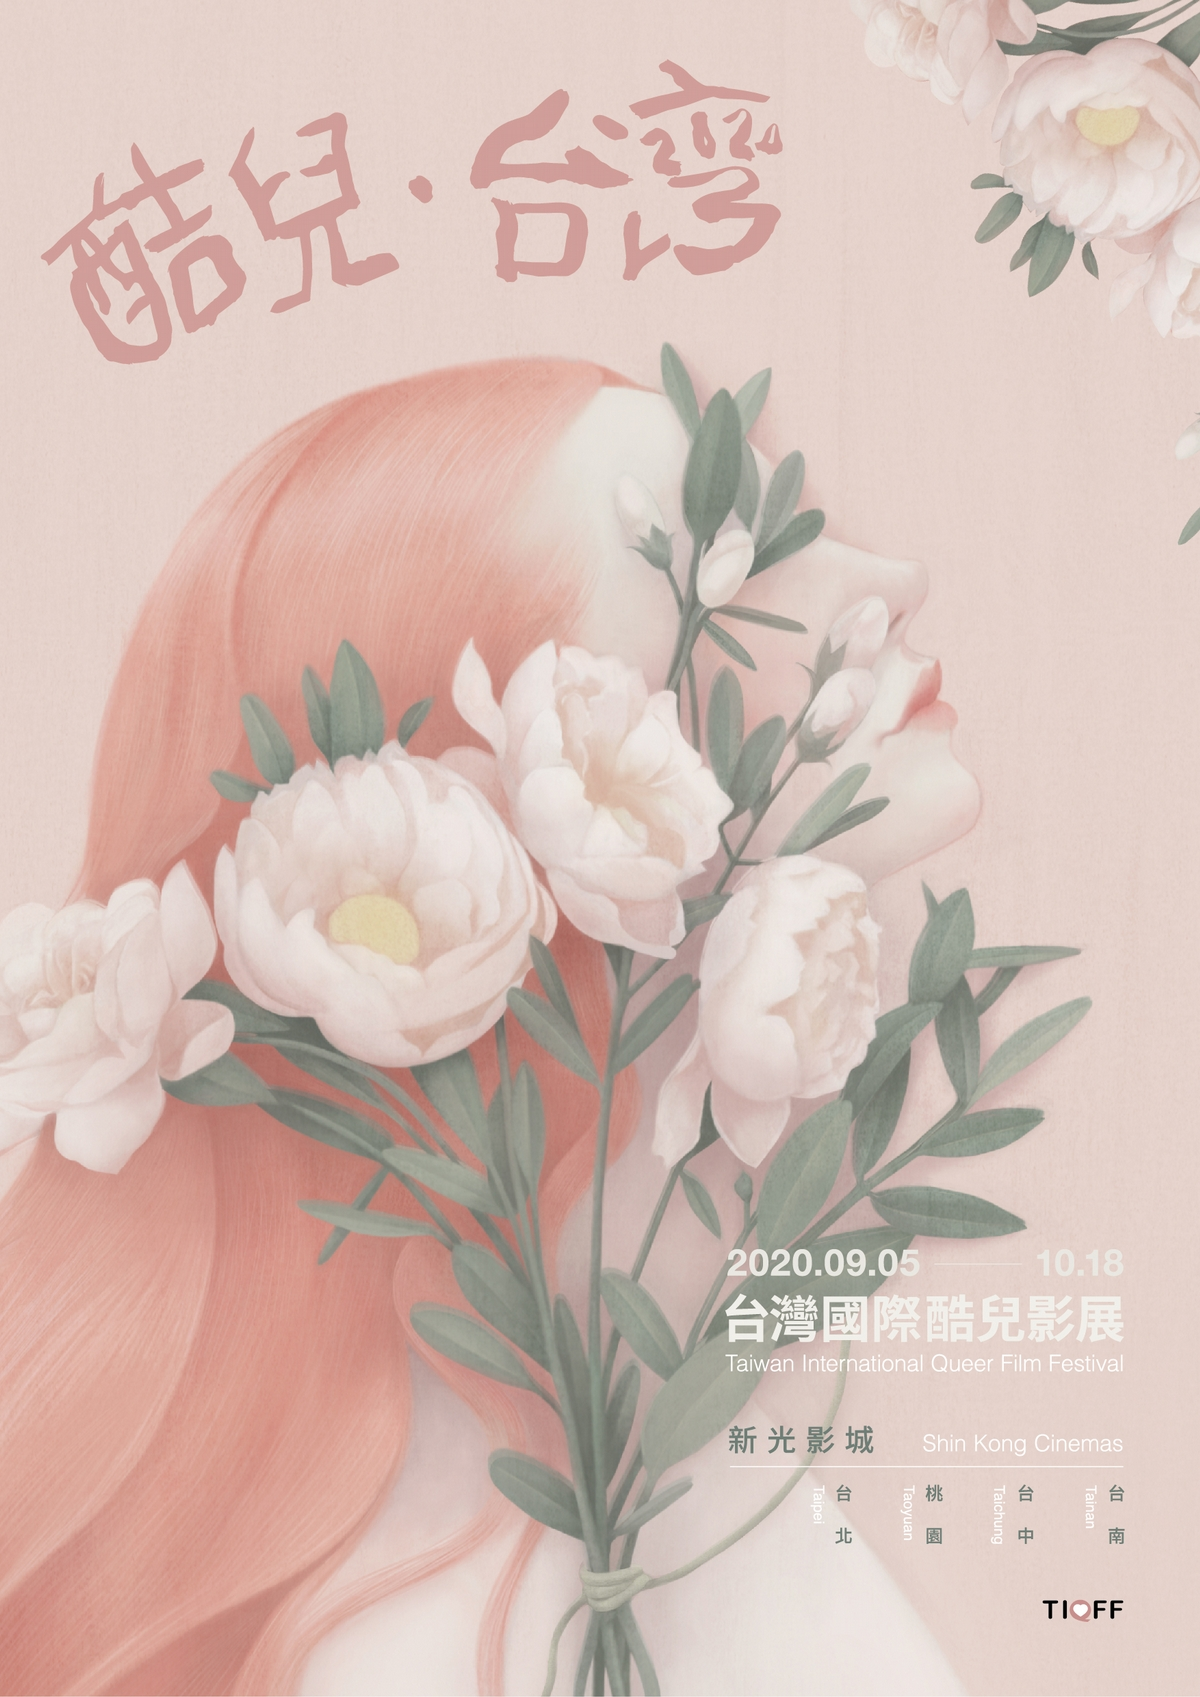 酷兒影展最年輕大使曝光! 陳昊森、曾敬驊合體比帥揭幕